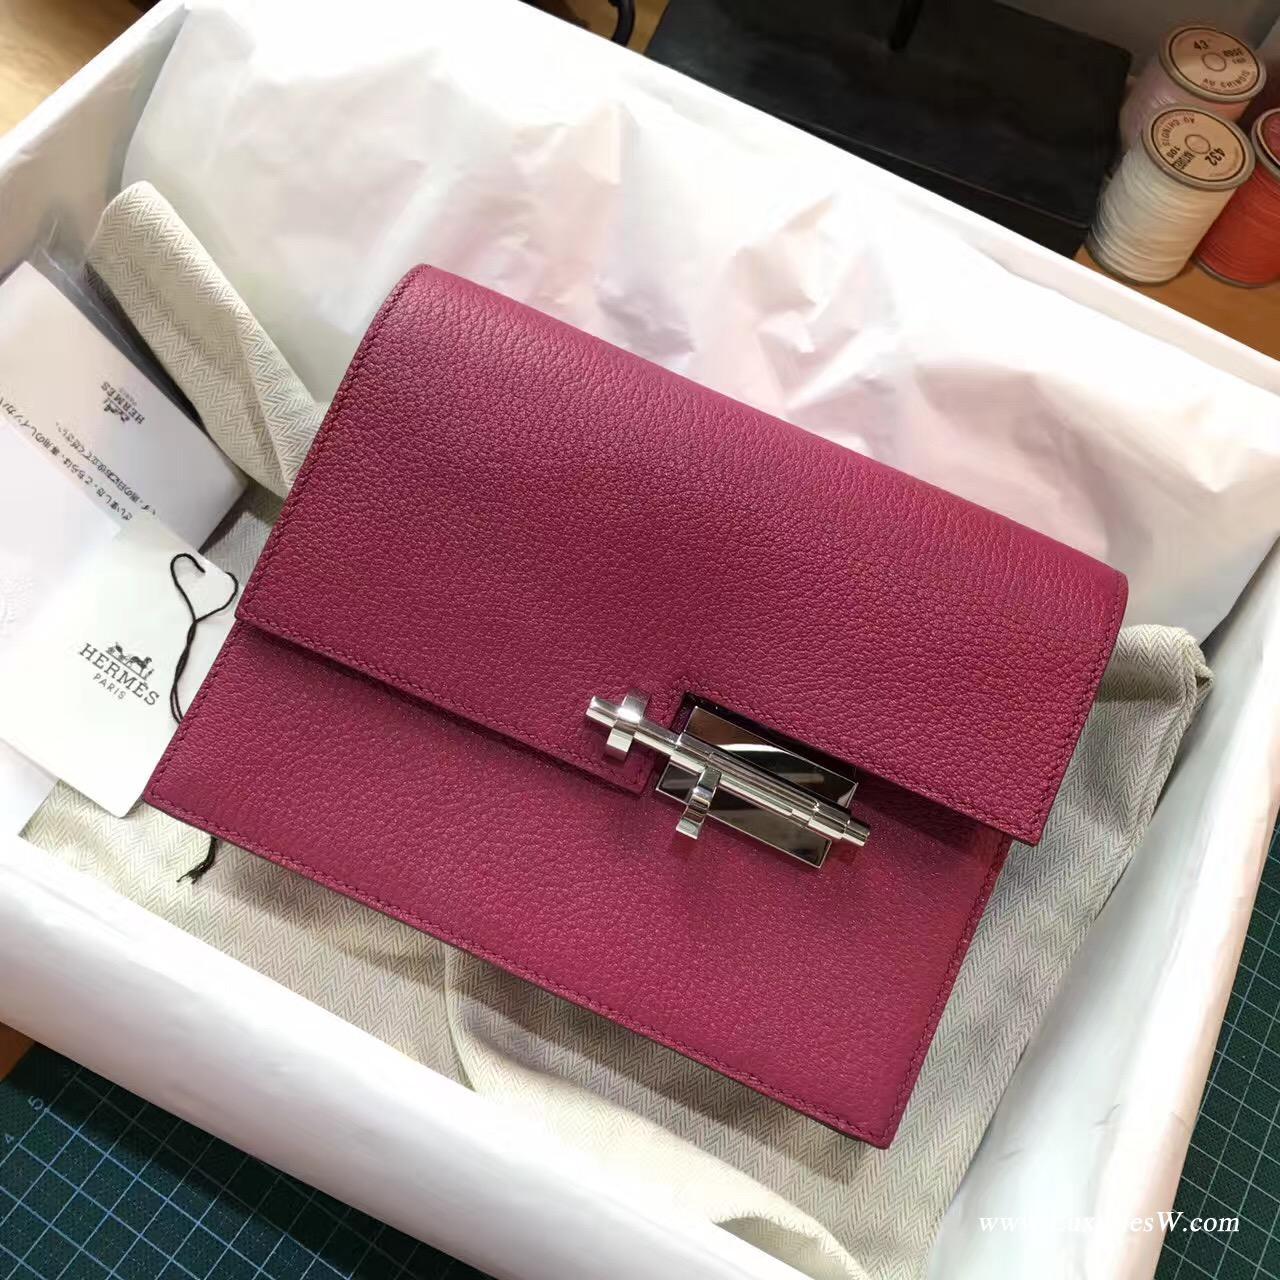 愛馬仕 Herems Verrou Chaine bag 手包最新款手包 糖果玫紅色 山羊皮